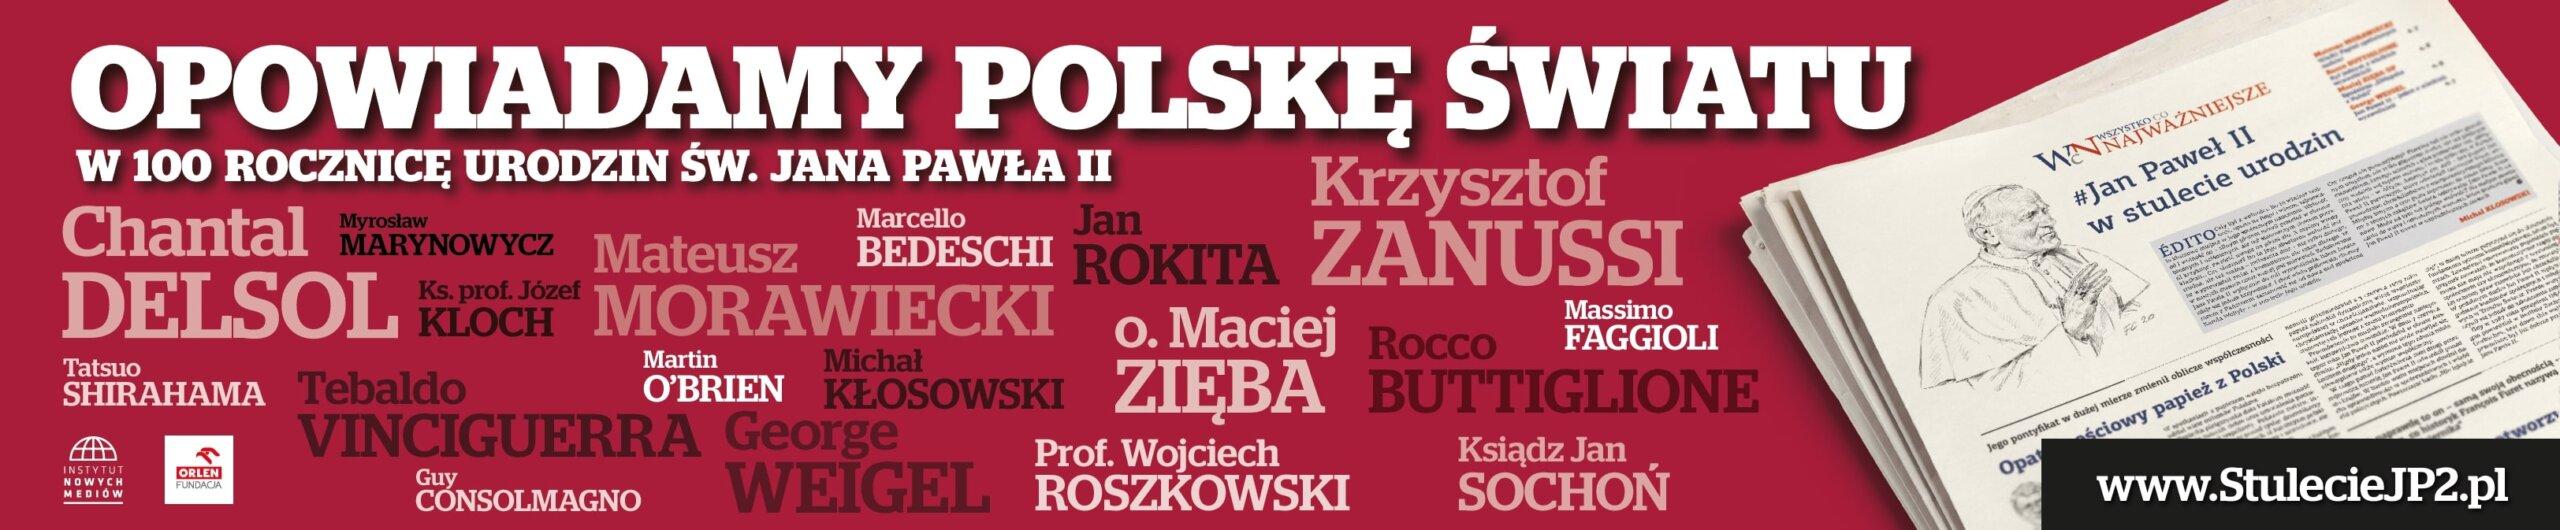 Opowiadamy Polskę światu w 100 lecie urodzin św. Jana Pawła II